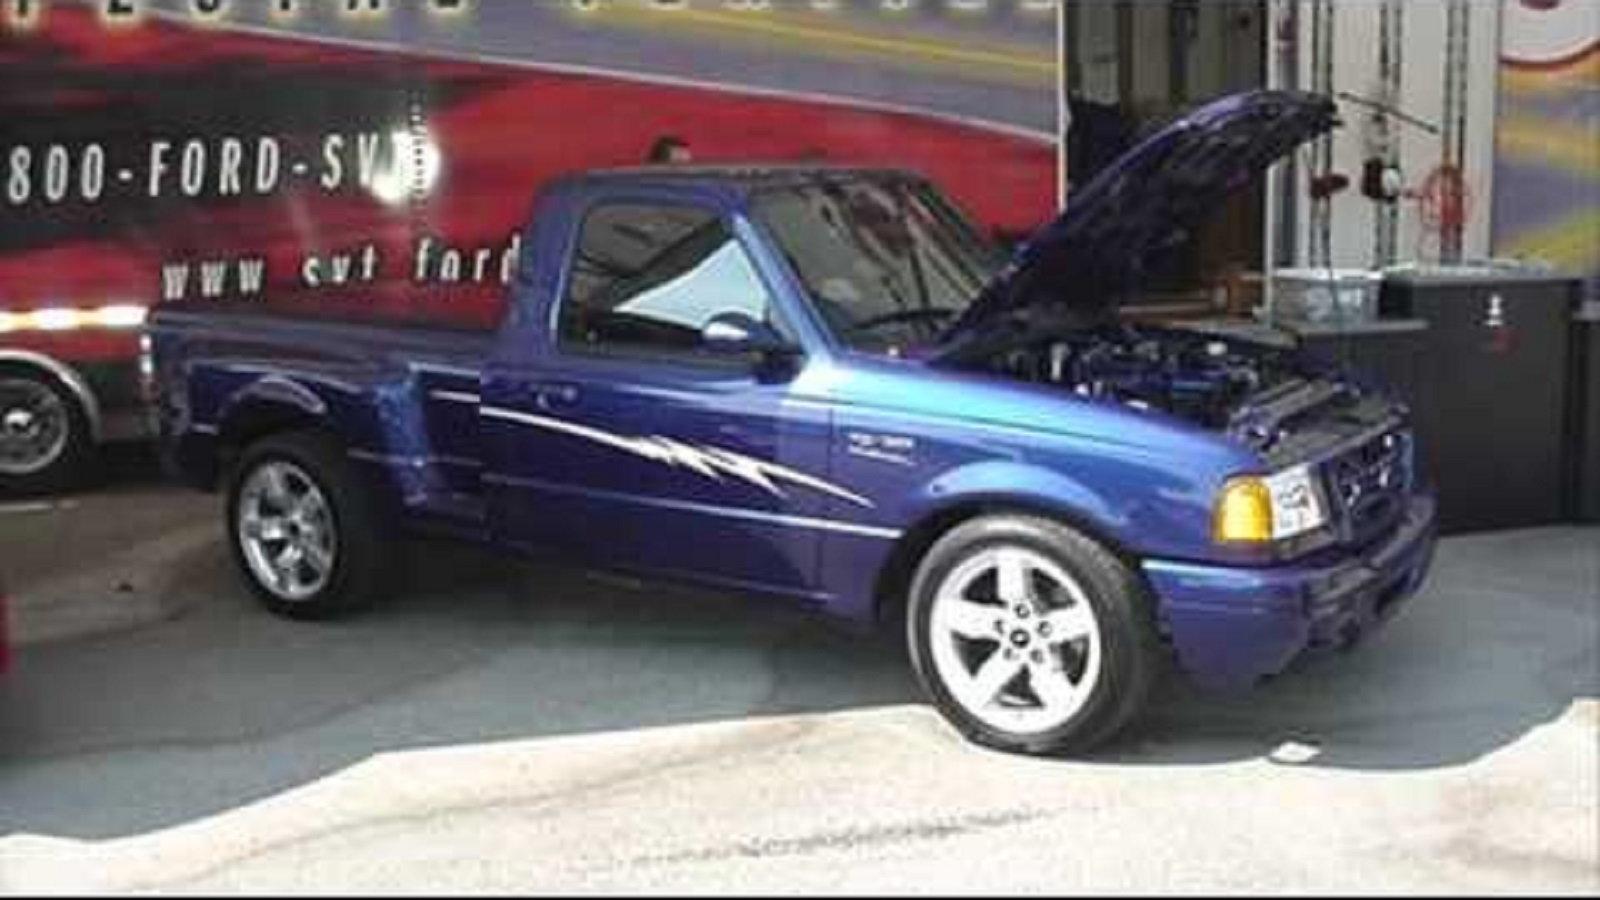 2004 SVT Ford Ranger Lightning Bolt